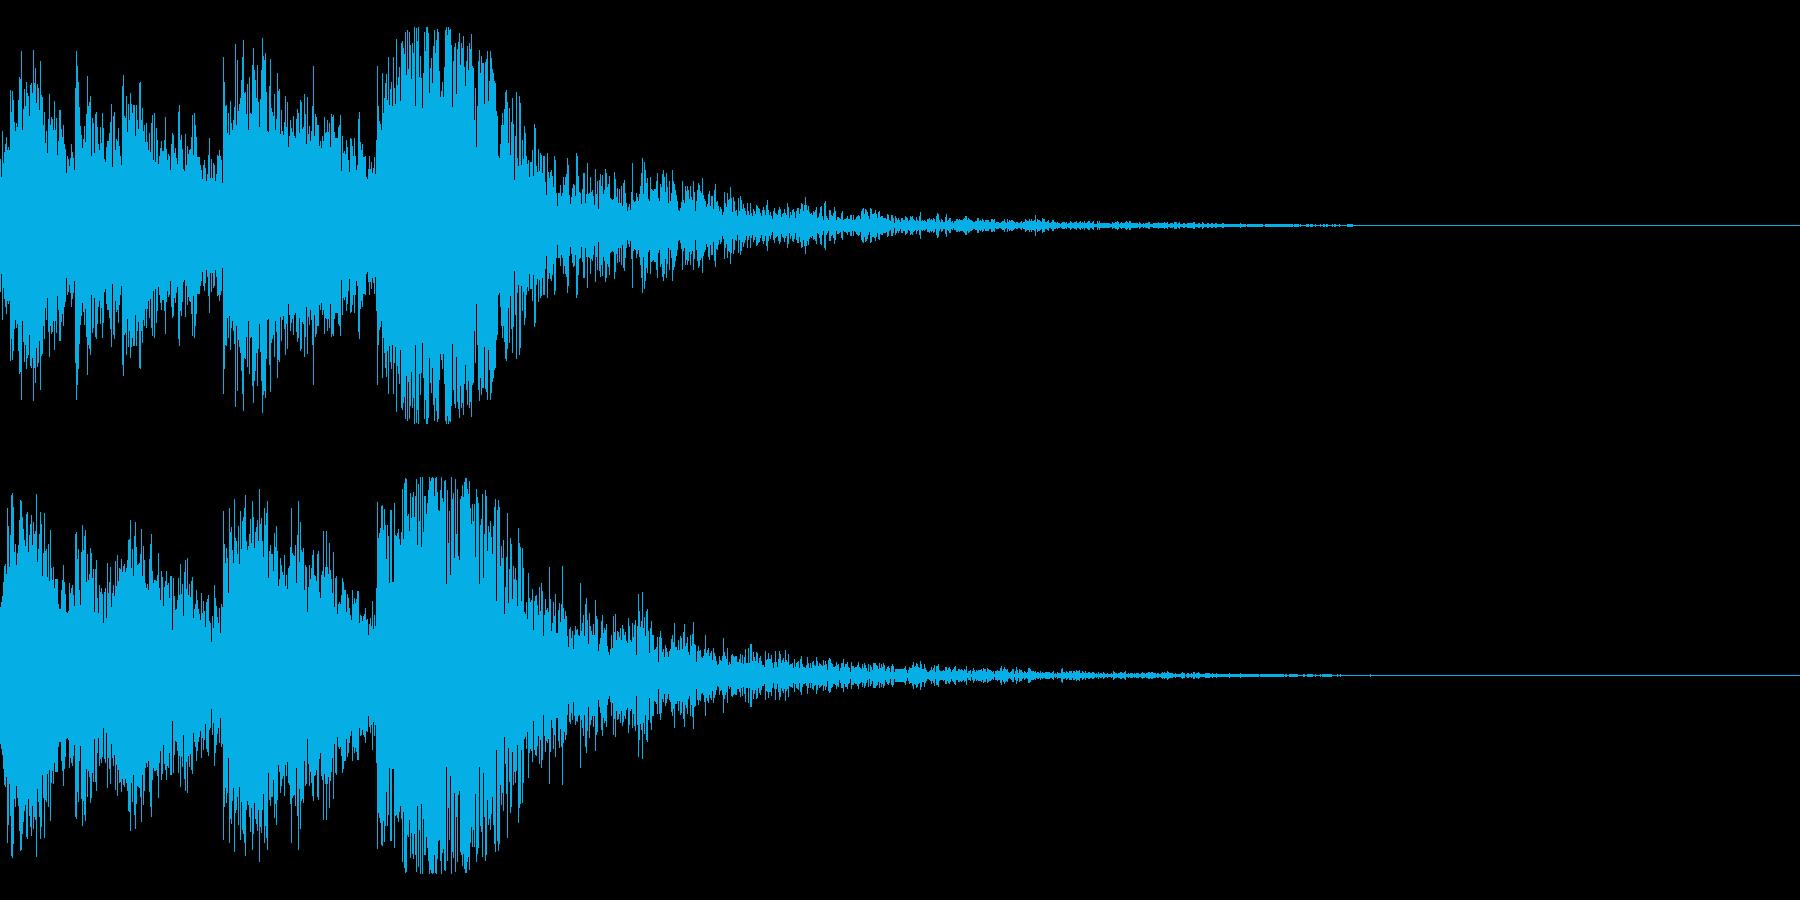 和風 オーケストラヒット ジングル!05の再生済みの波形